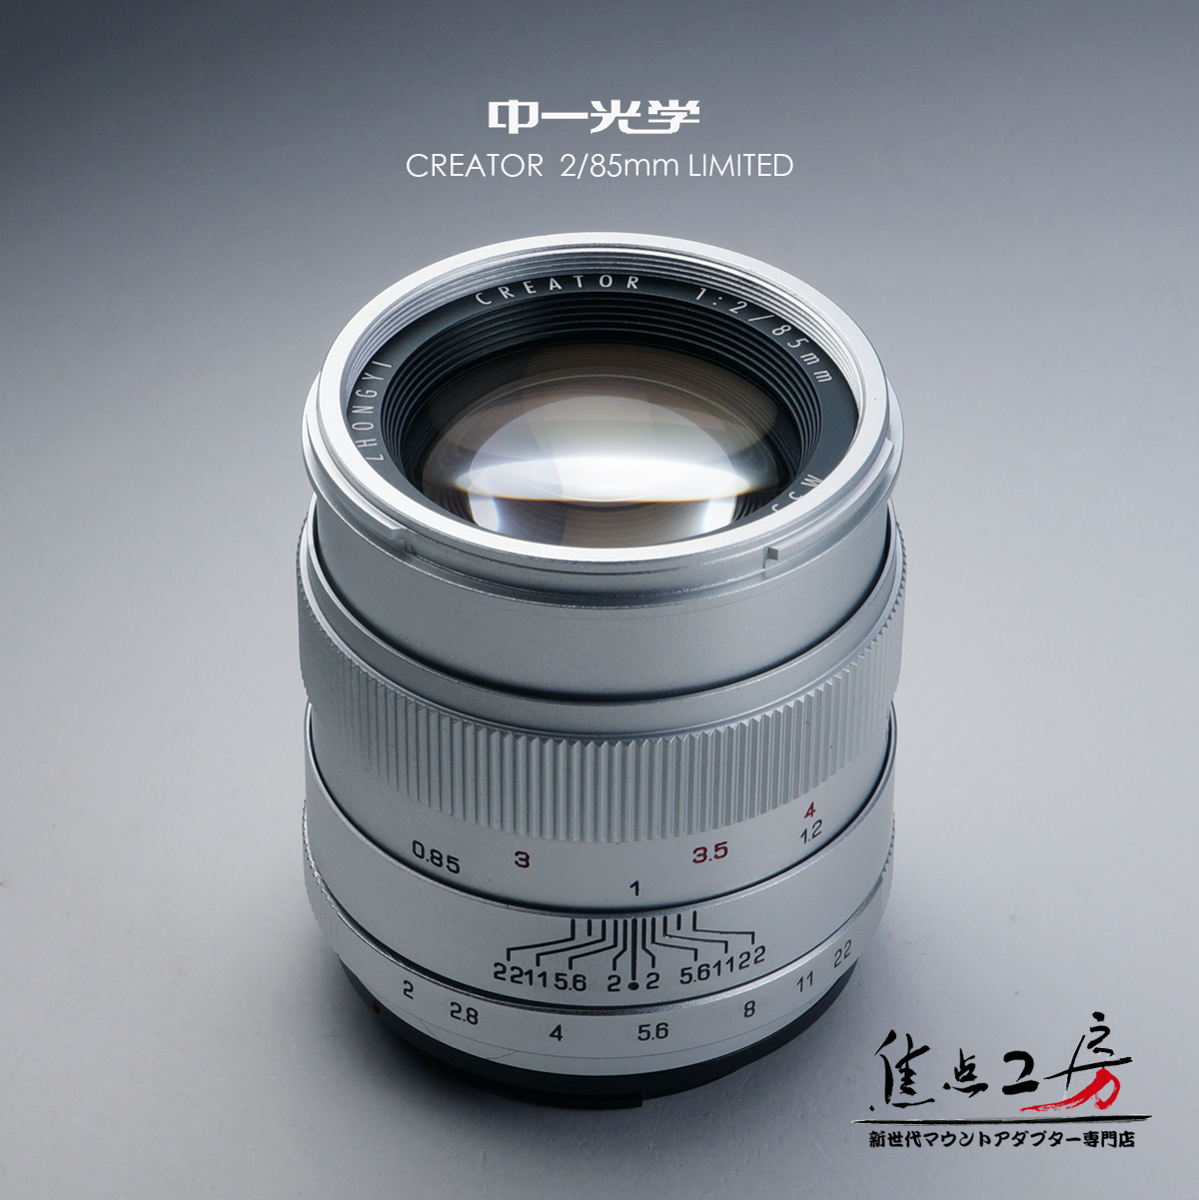 至上 中一光学 CREATOR 中一光学│ZHONG YI OPTICS 85mm 公式ストア F2.0 - 単焦点レンズ LIMITED